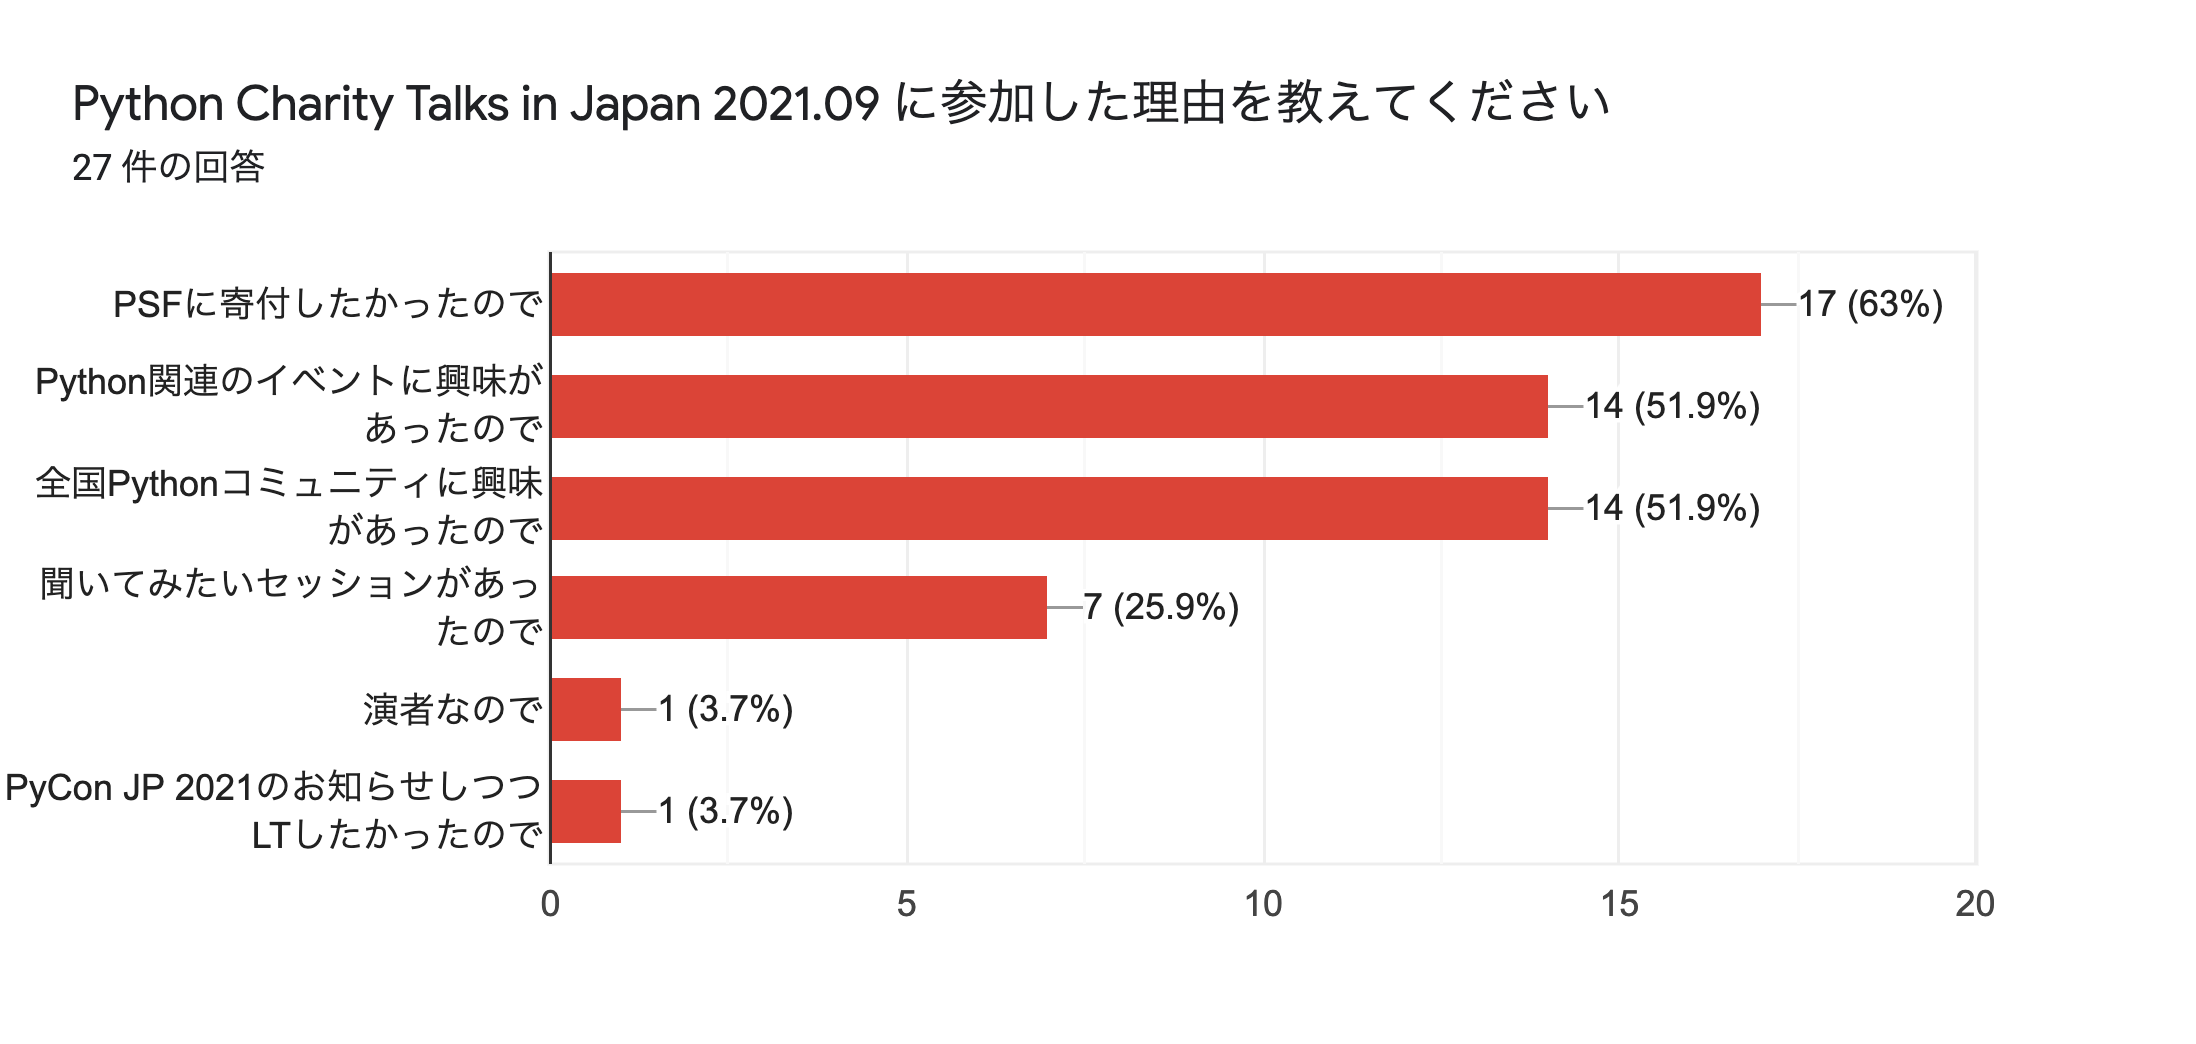 フォームの回答のグラフ。質問のタイトル: Python Charity Talks in Japan 2021.09 に参加した理由を教えてください。回答数: 27 件の回答。